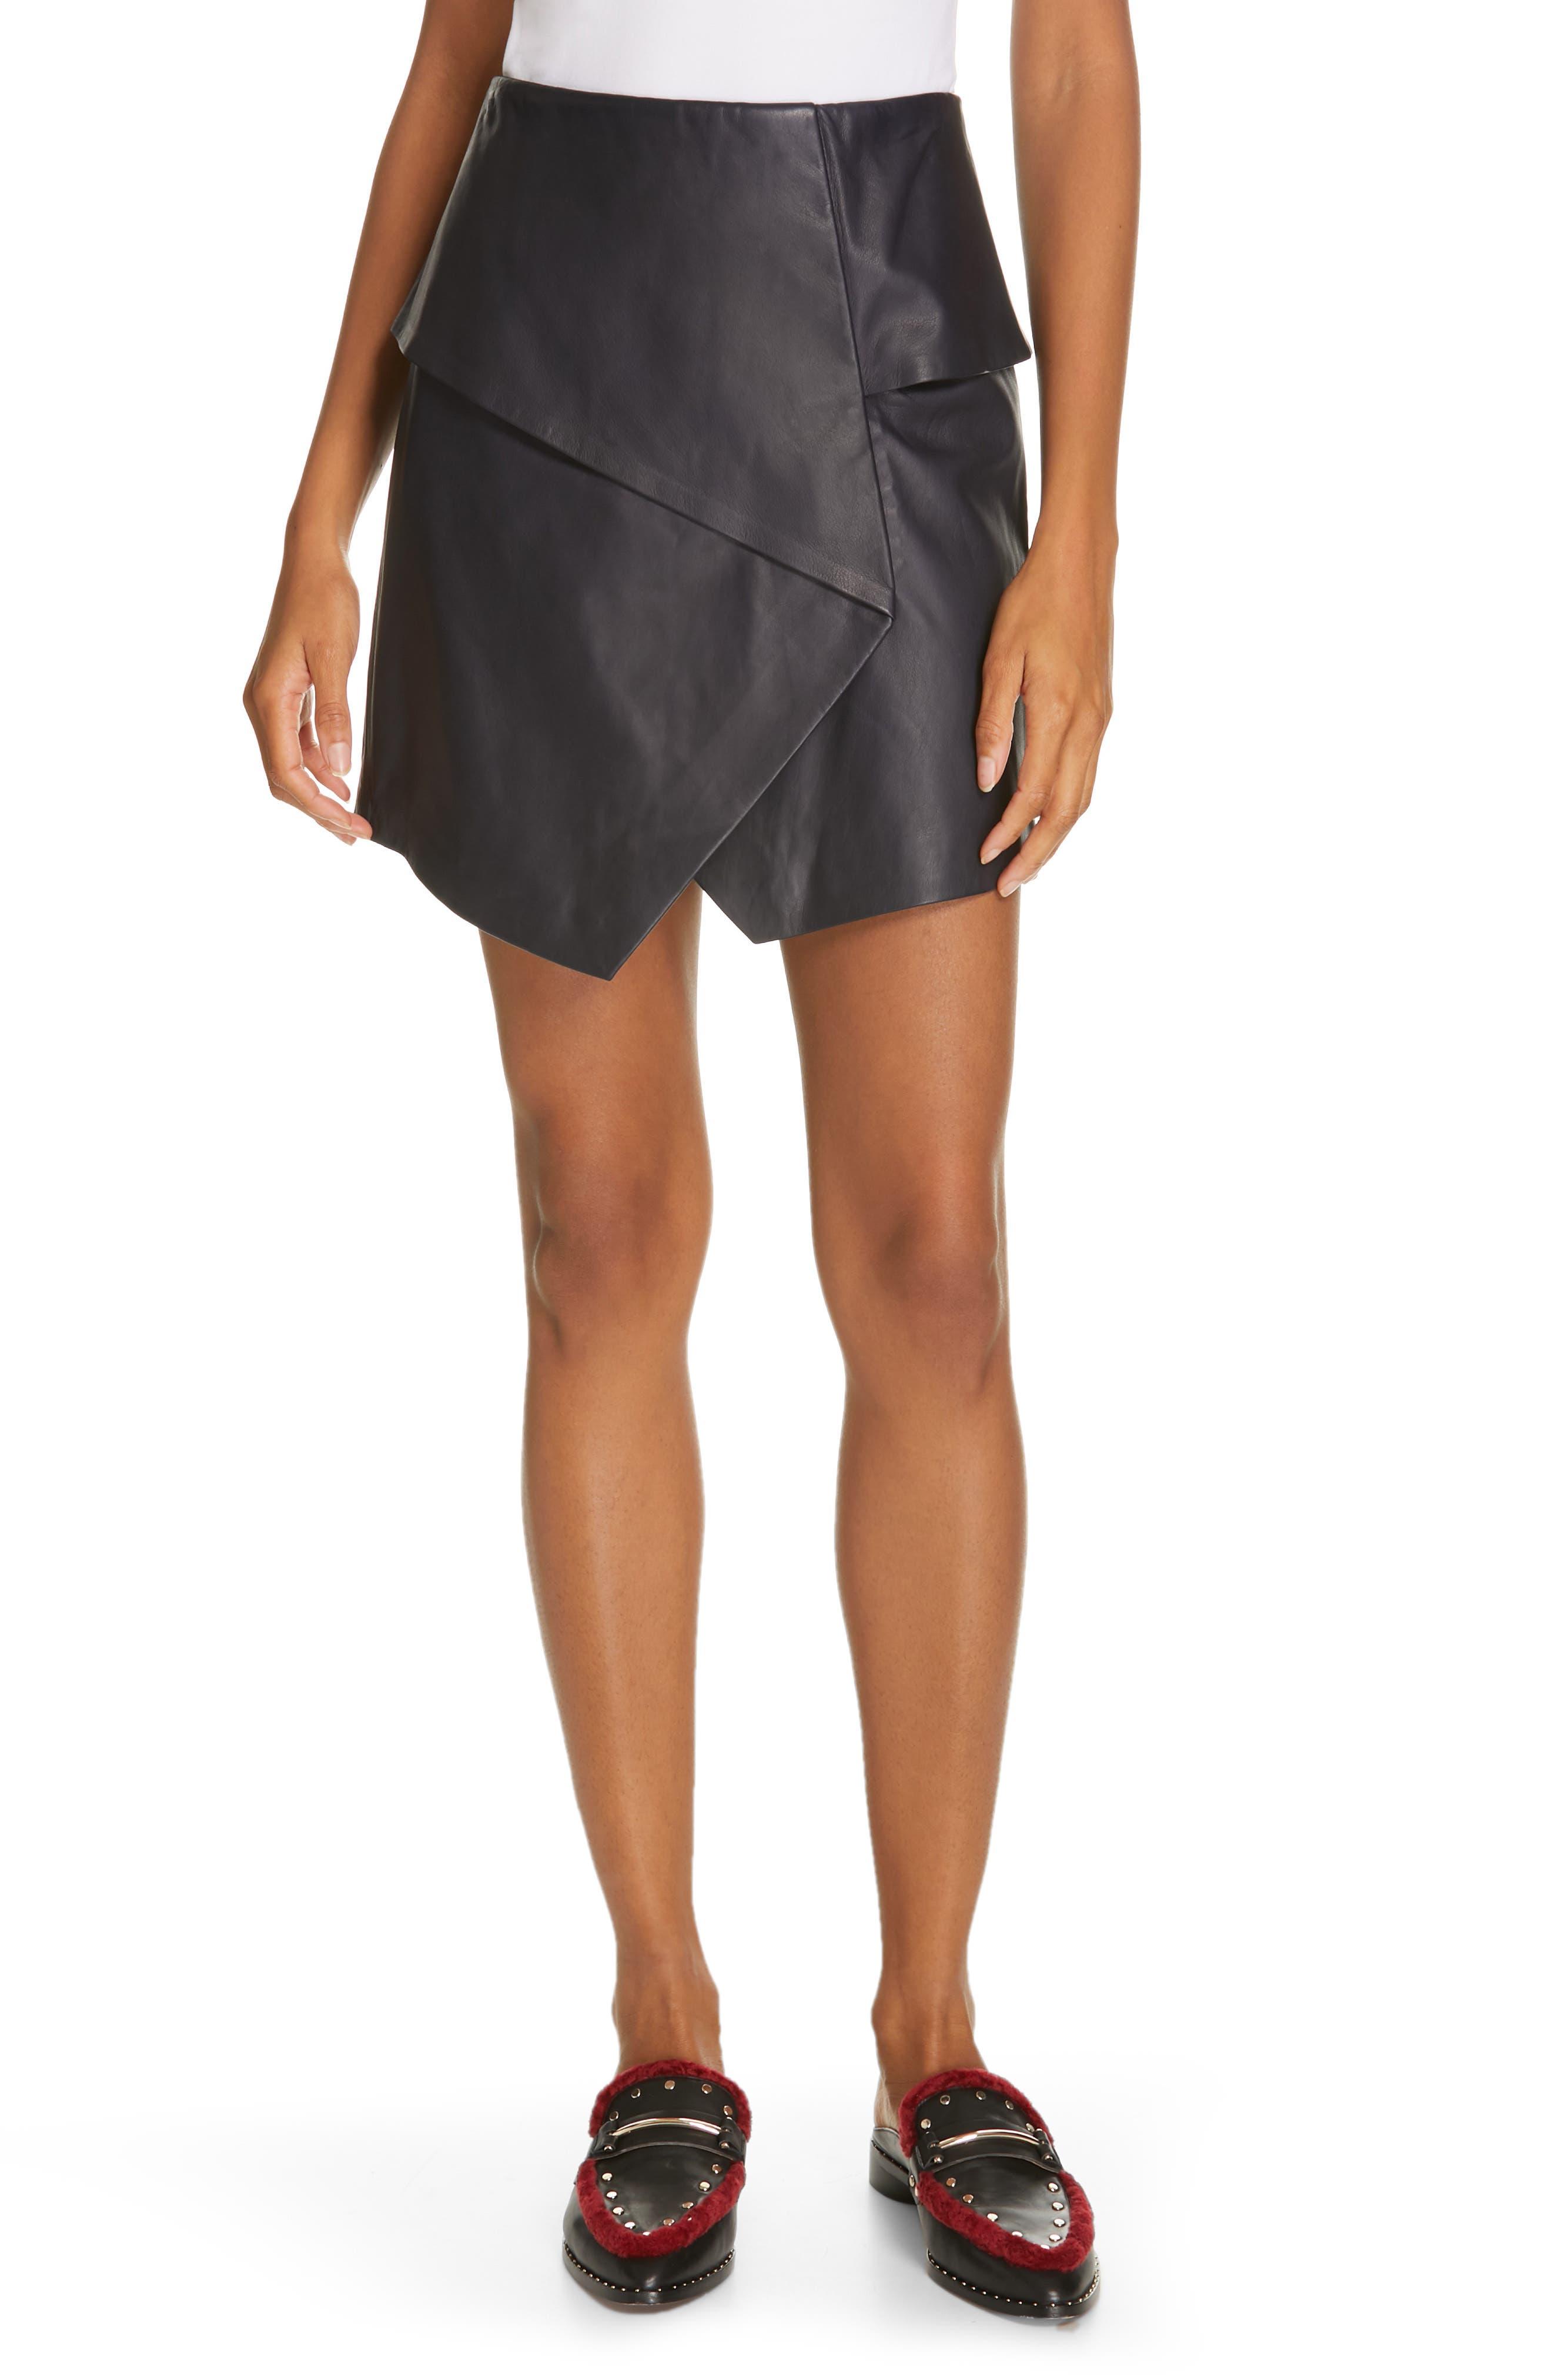 JOIE, Akirako Leather Miniskirt, Main thumbnail 1, color, MIDNIGHT